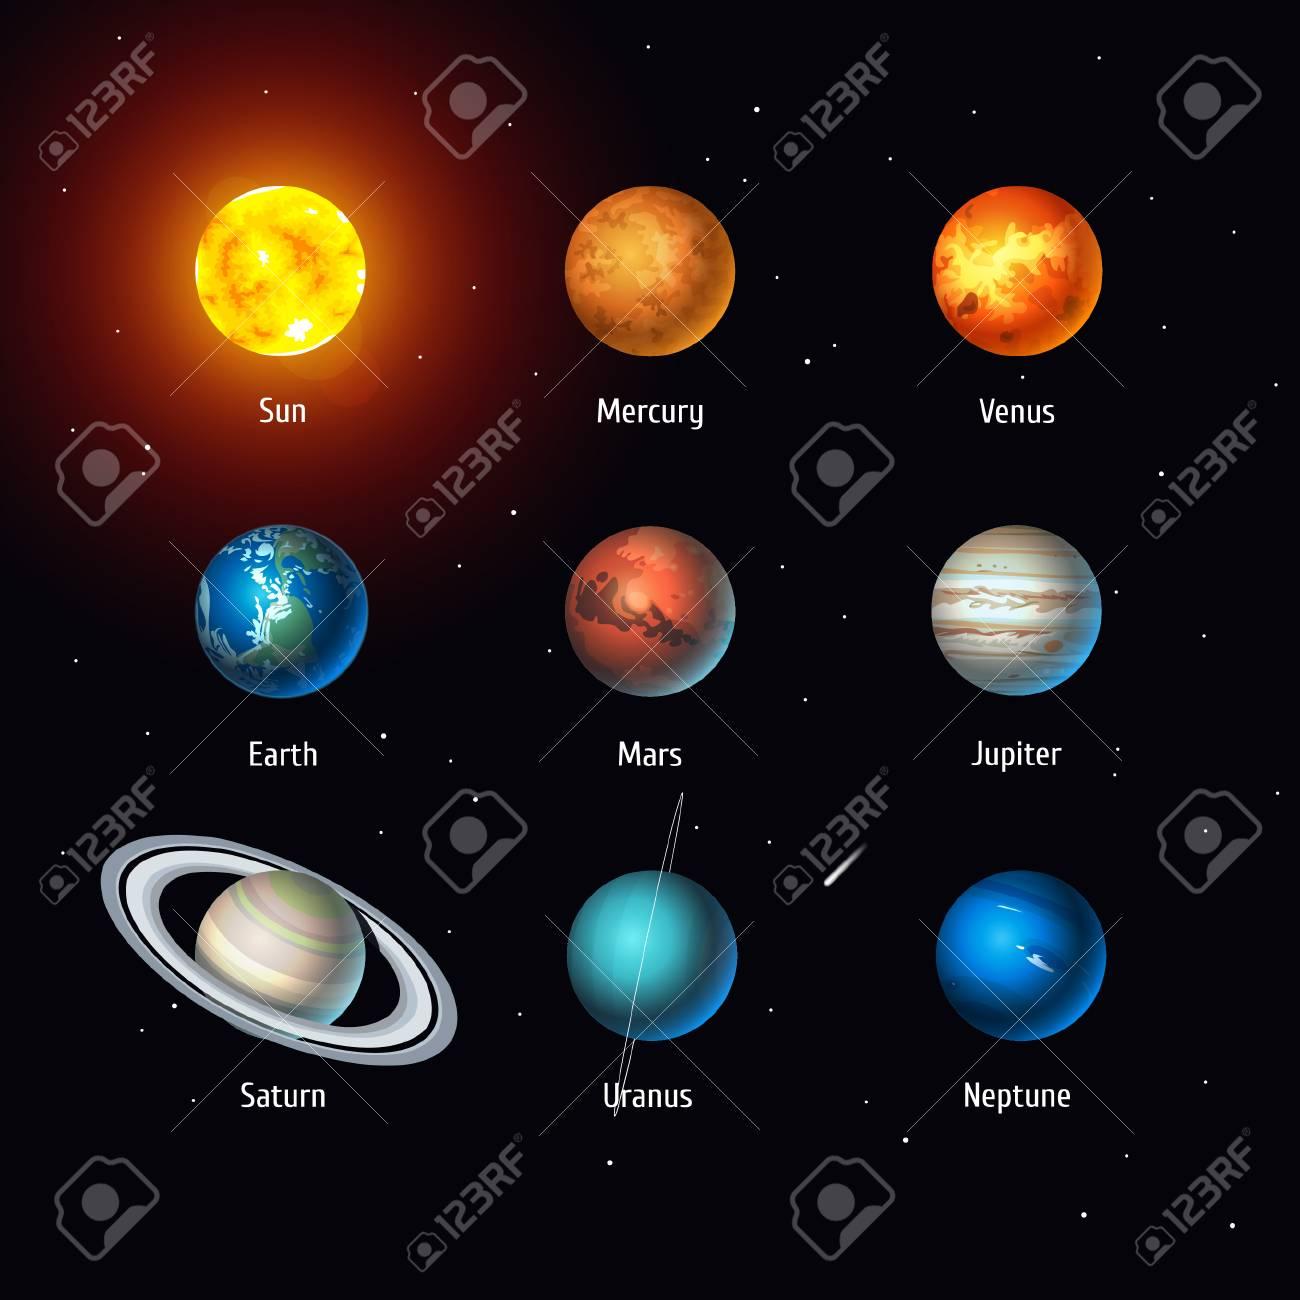 soleil-et-planetes - Photo